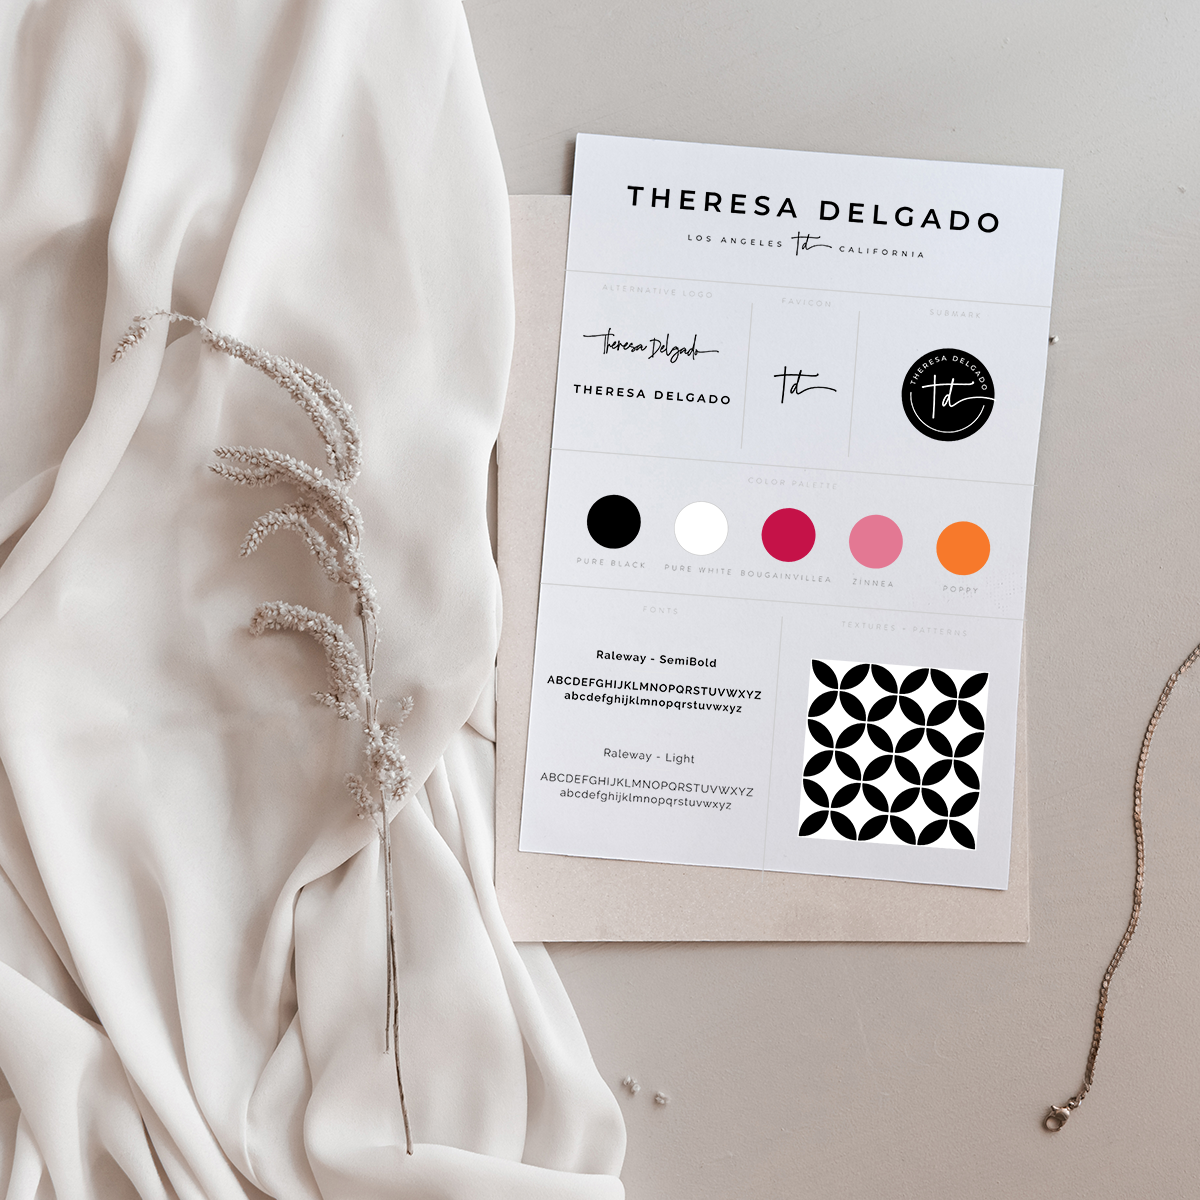 theresa delgado brand